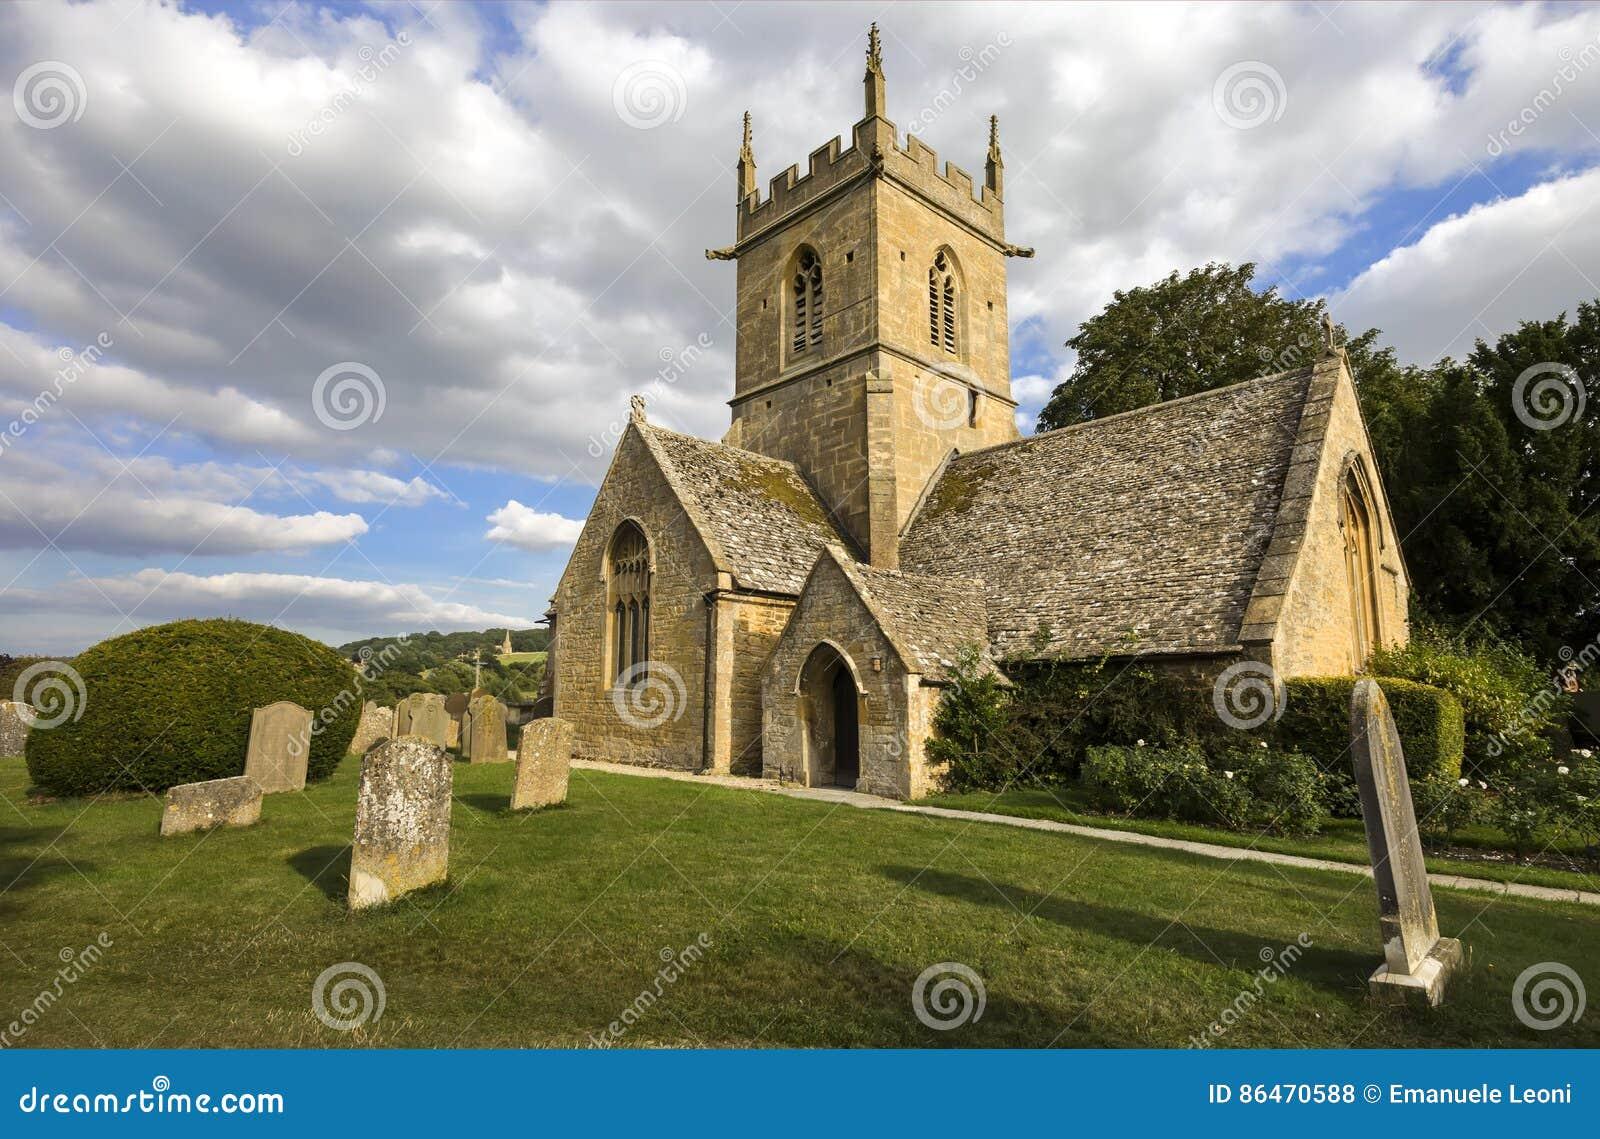 De kerk van de Broadwayparochie in coyswolds, Worcestershire, Binnenlanden, Engeland, het UK